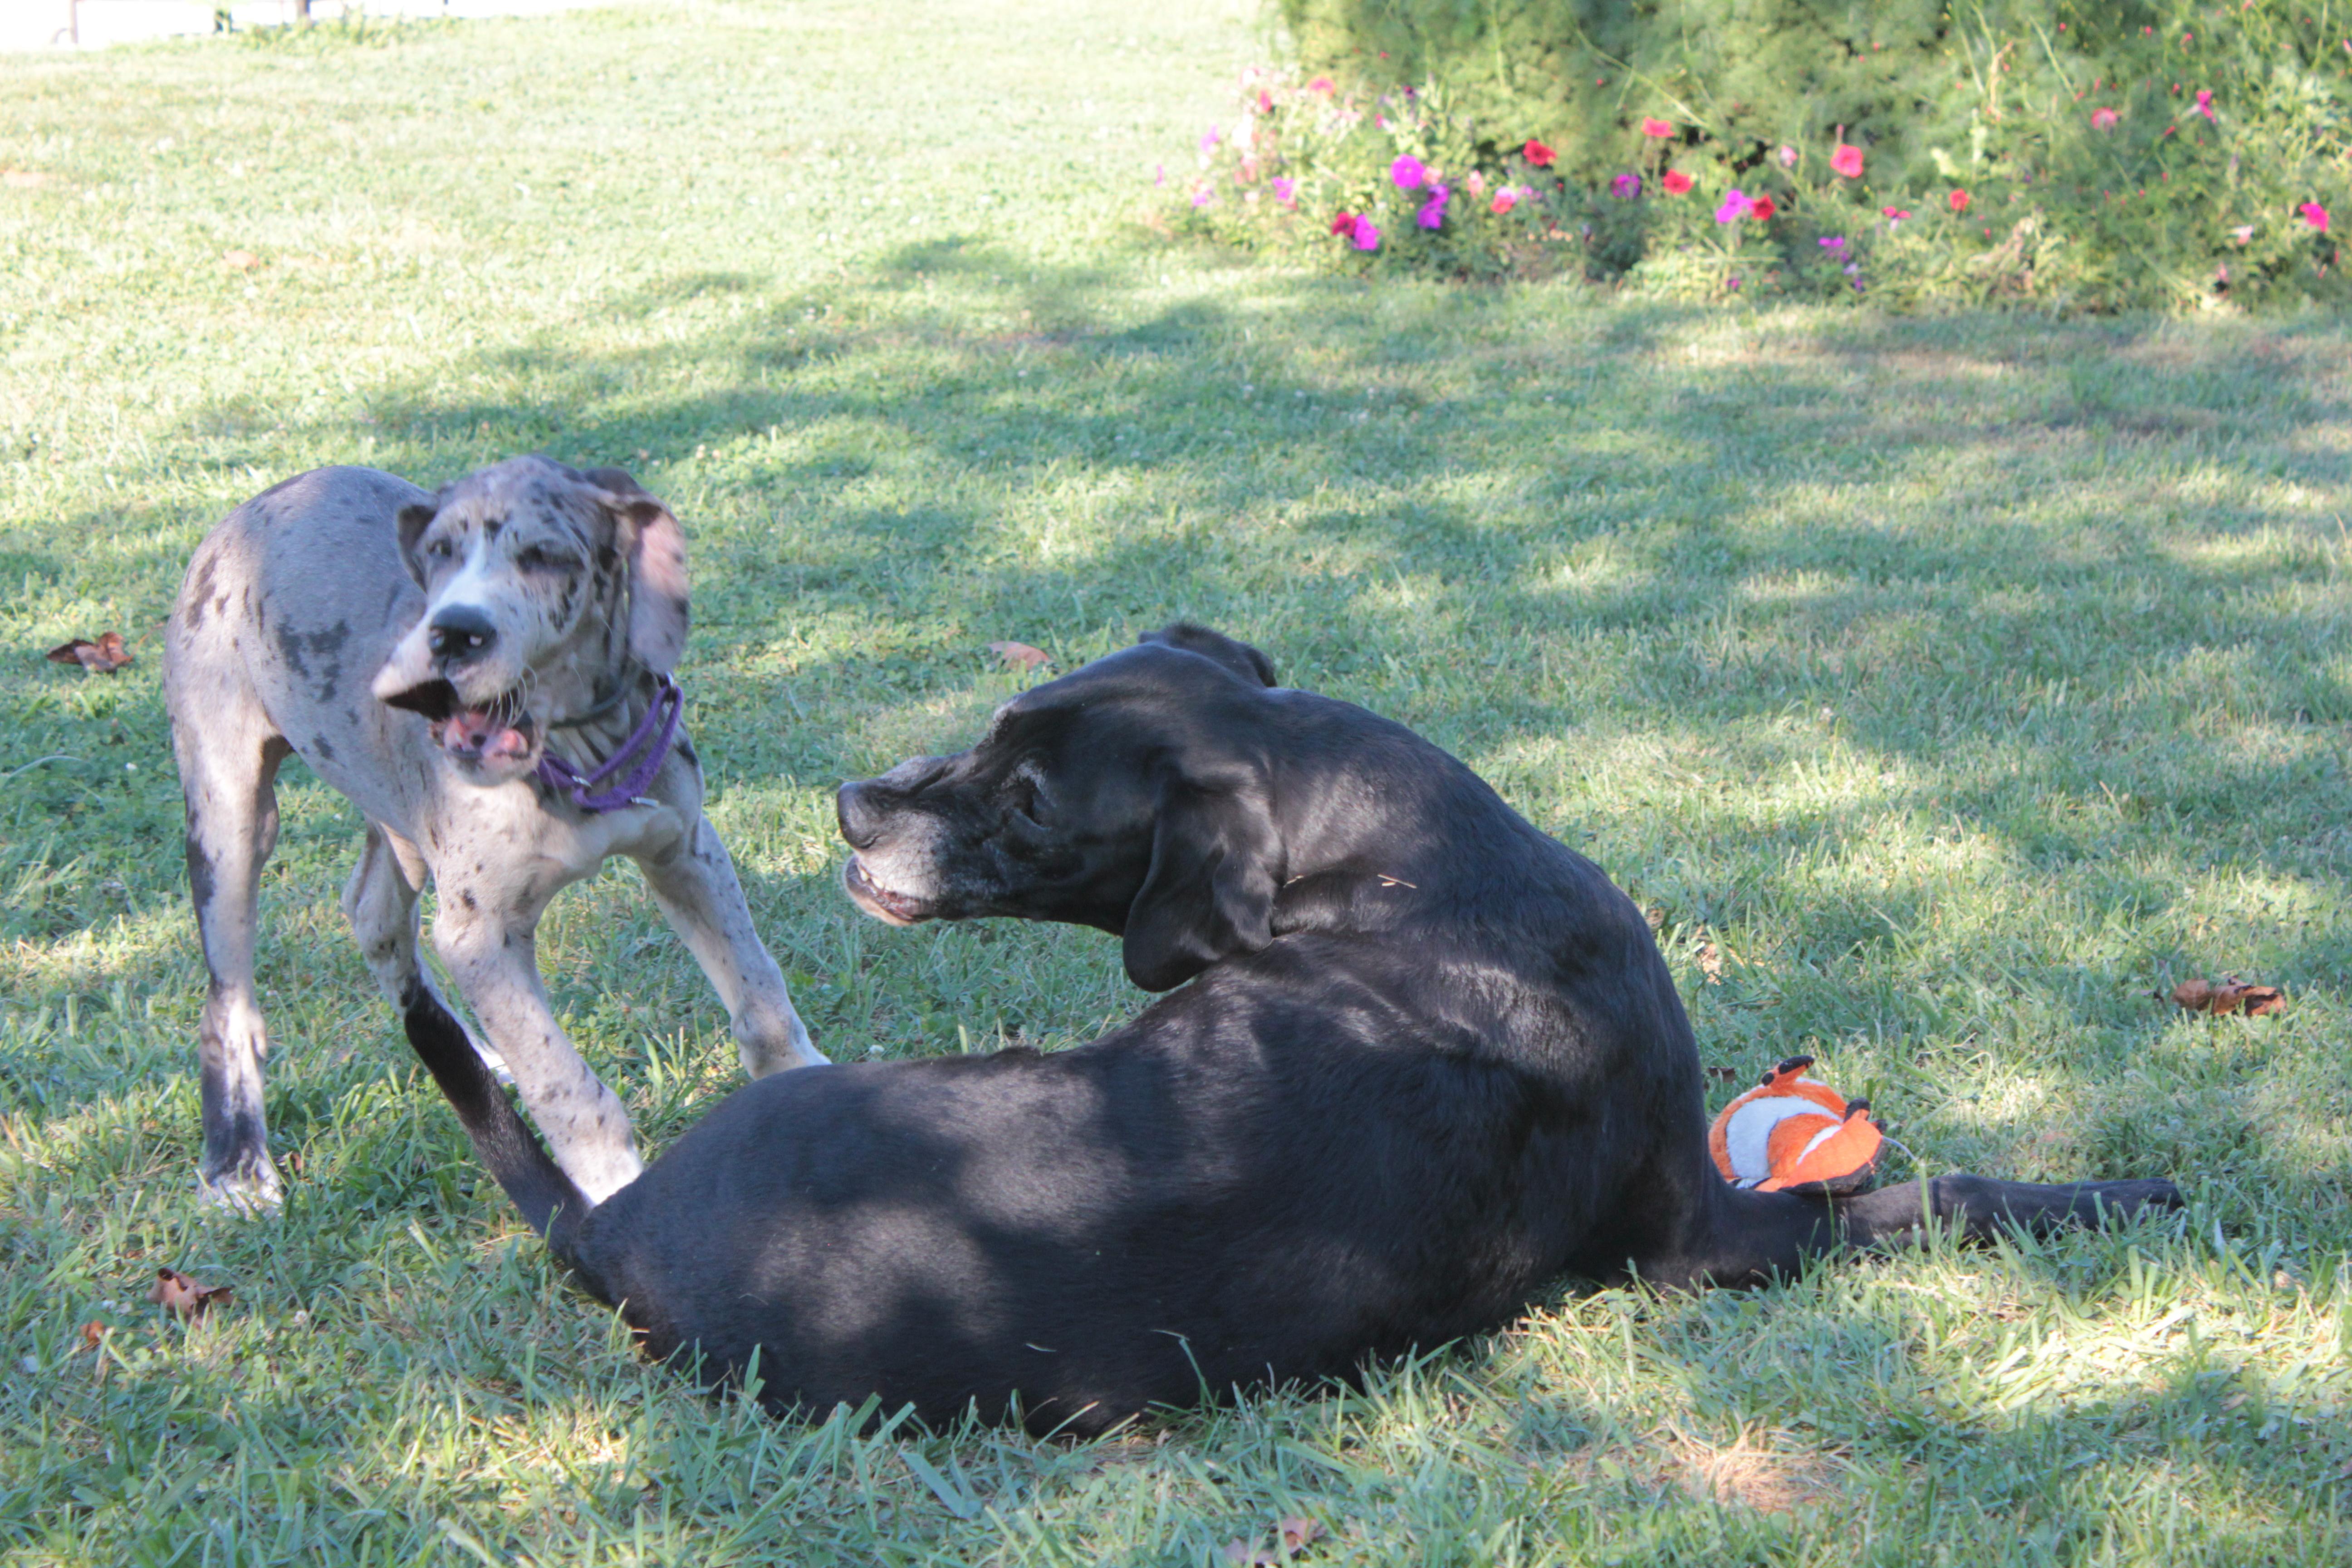 dog training, Smart Dog, dog obedience, Frederick, dog training, clicker, puppy training, puppy class, socialization, house training, potty training